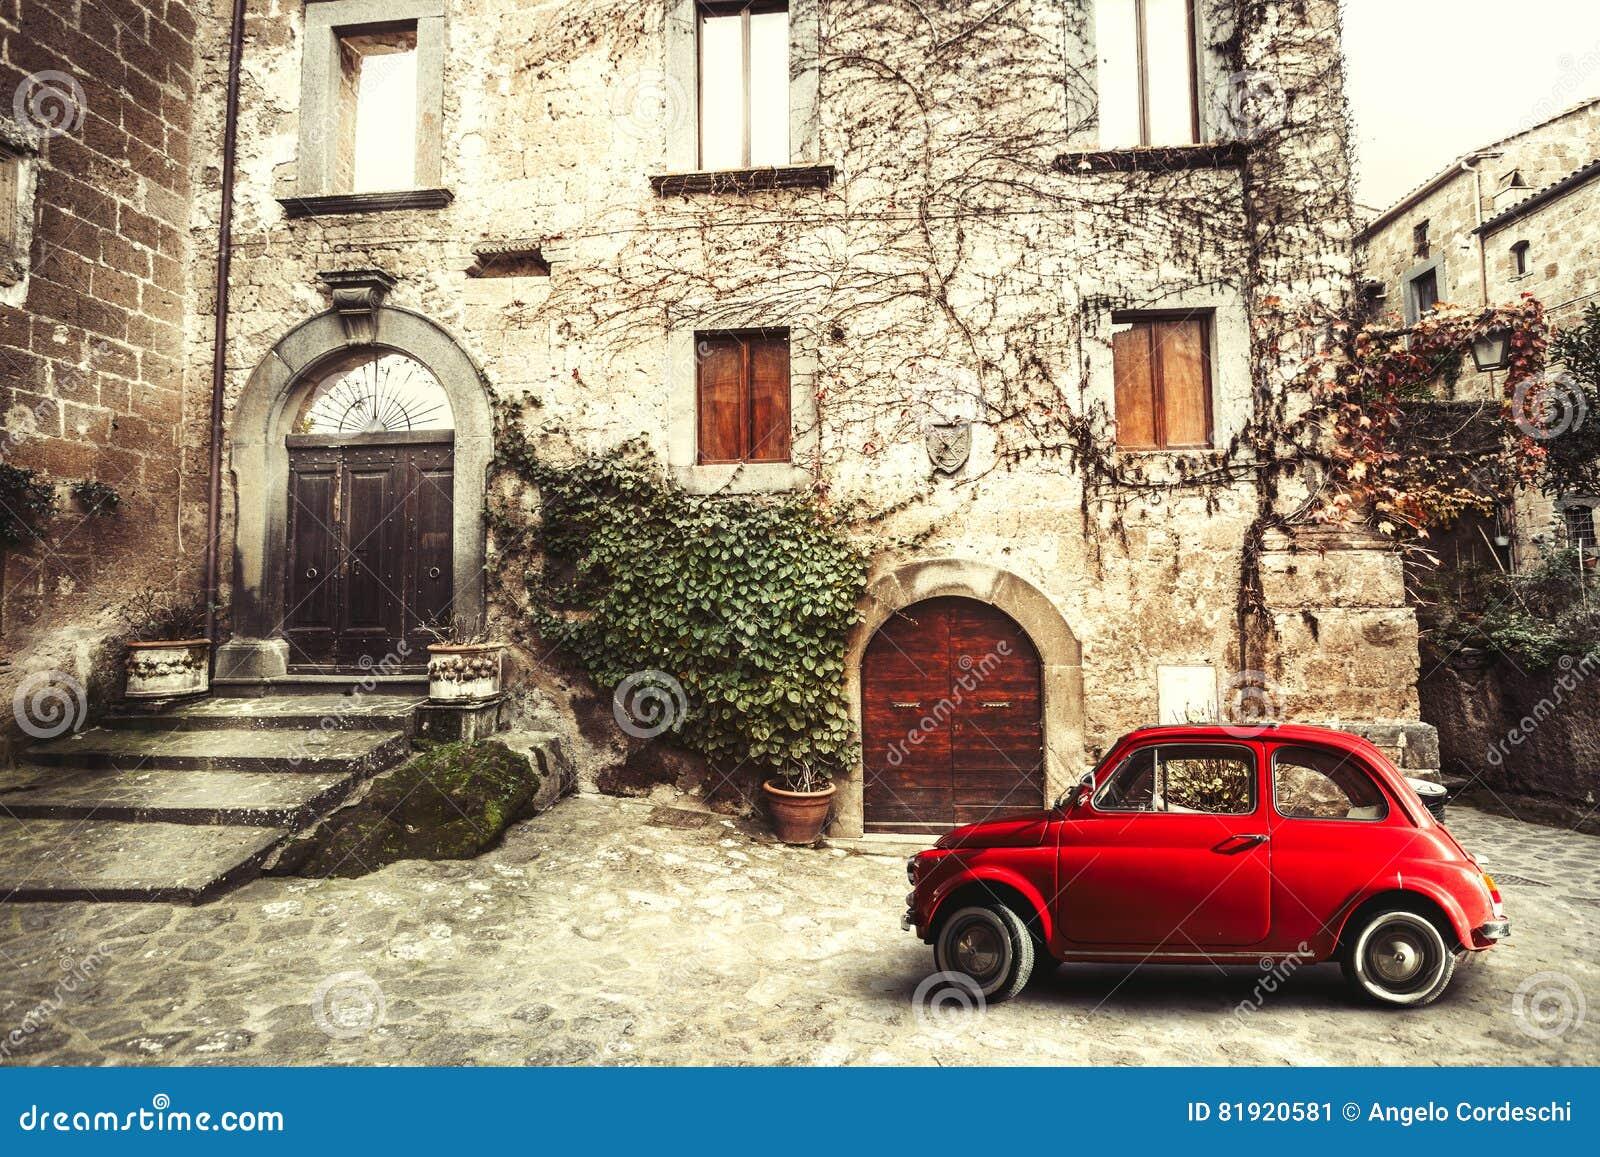 Stara rocznika włocha scena Mały antykwarski czerwony samochód Fiat 500